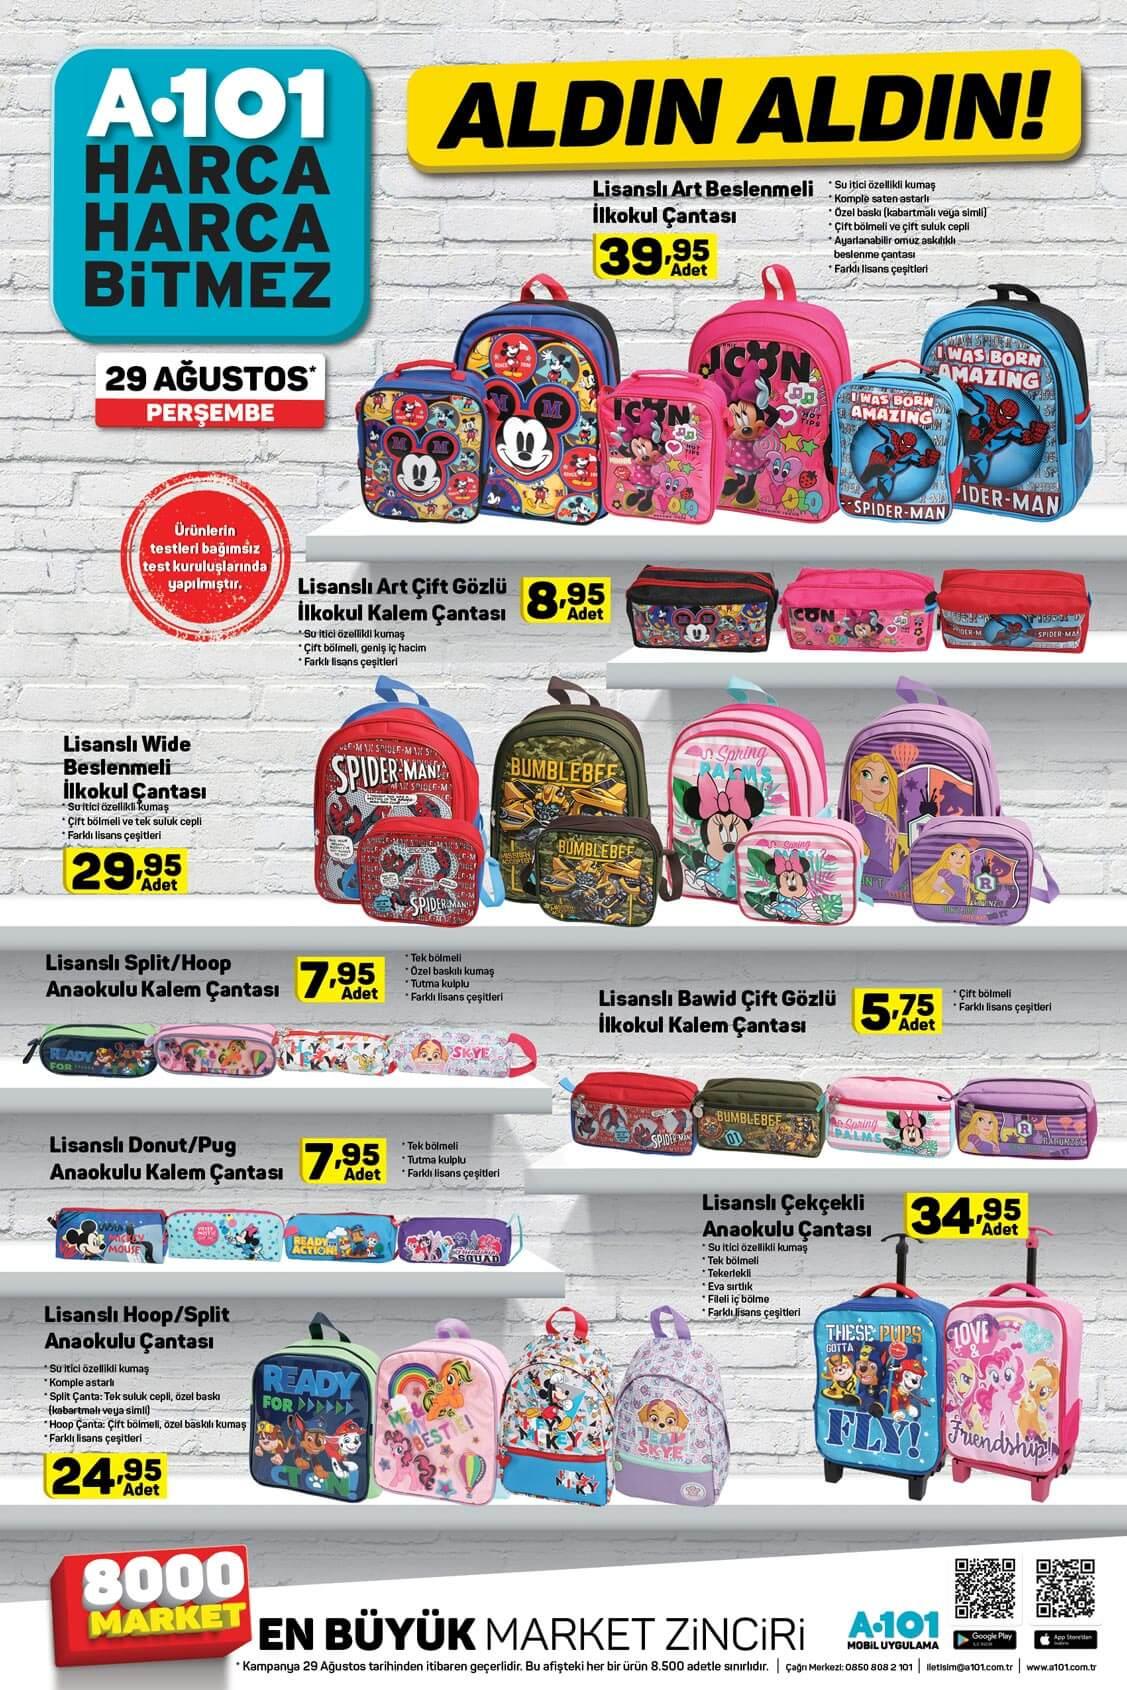 A101 29 Ağustos'tan İtibaren Aldın Aldın Okula Dönüş Aktüel Ürünleri!